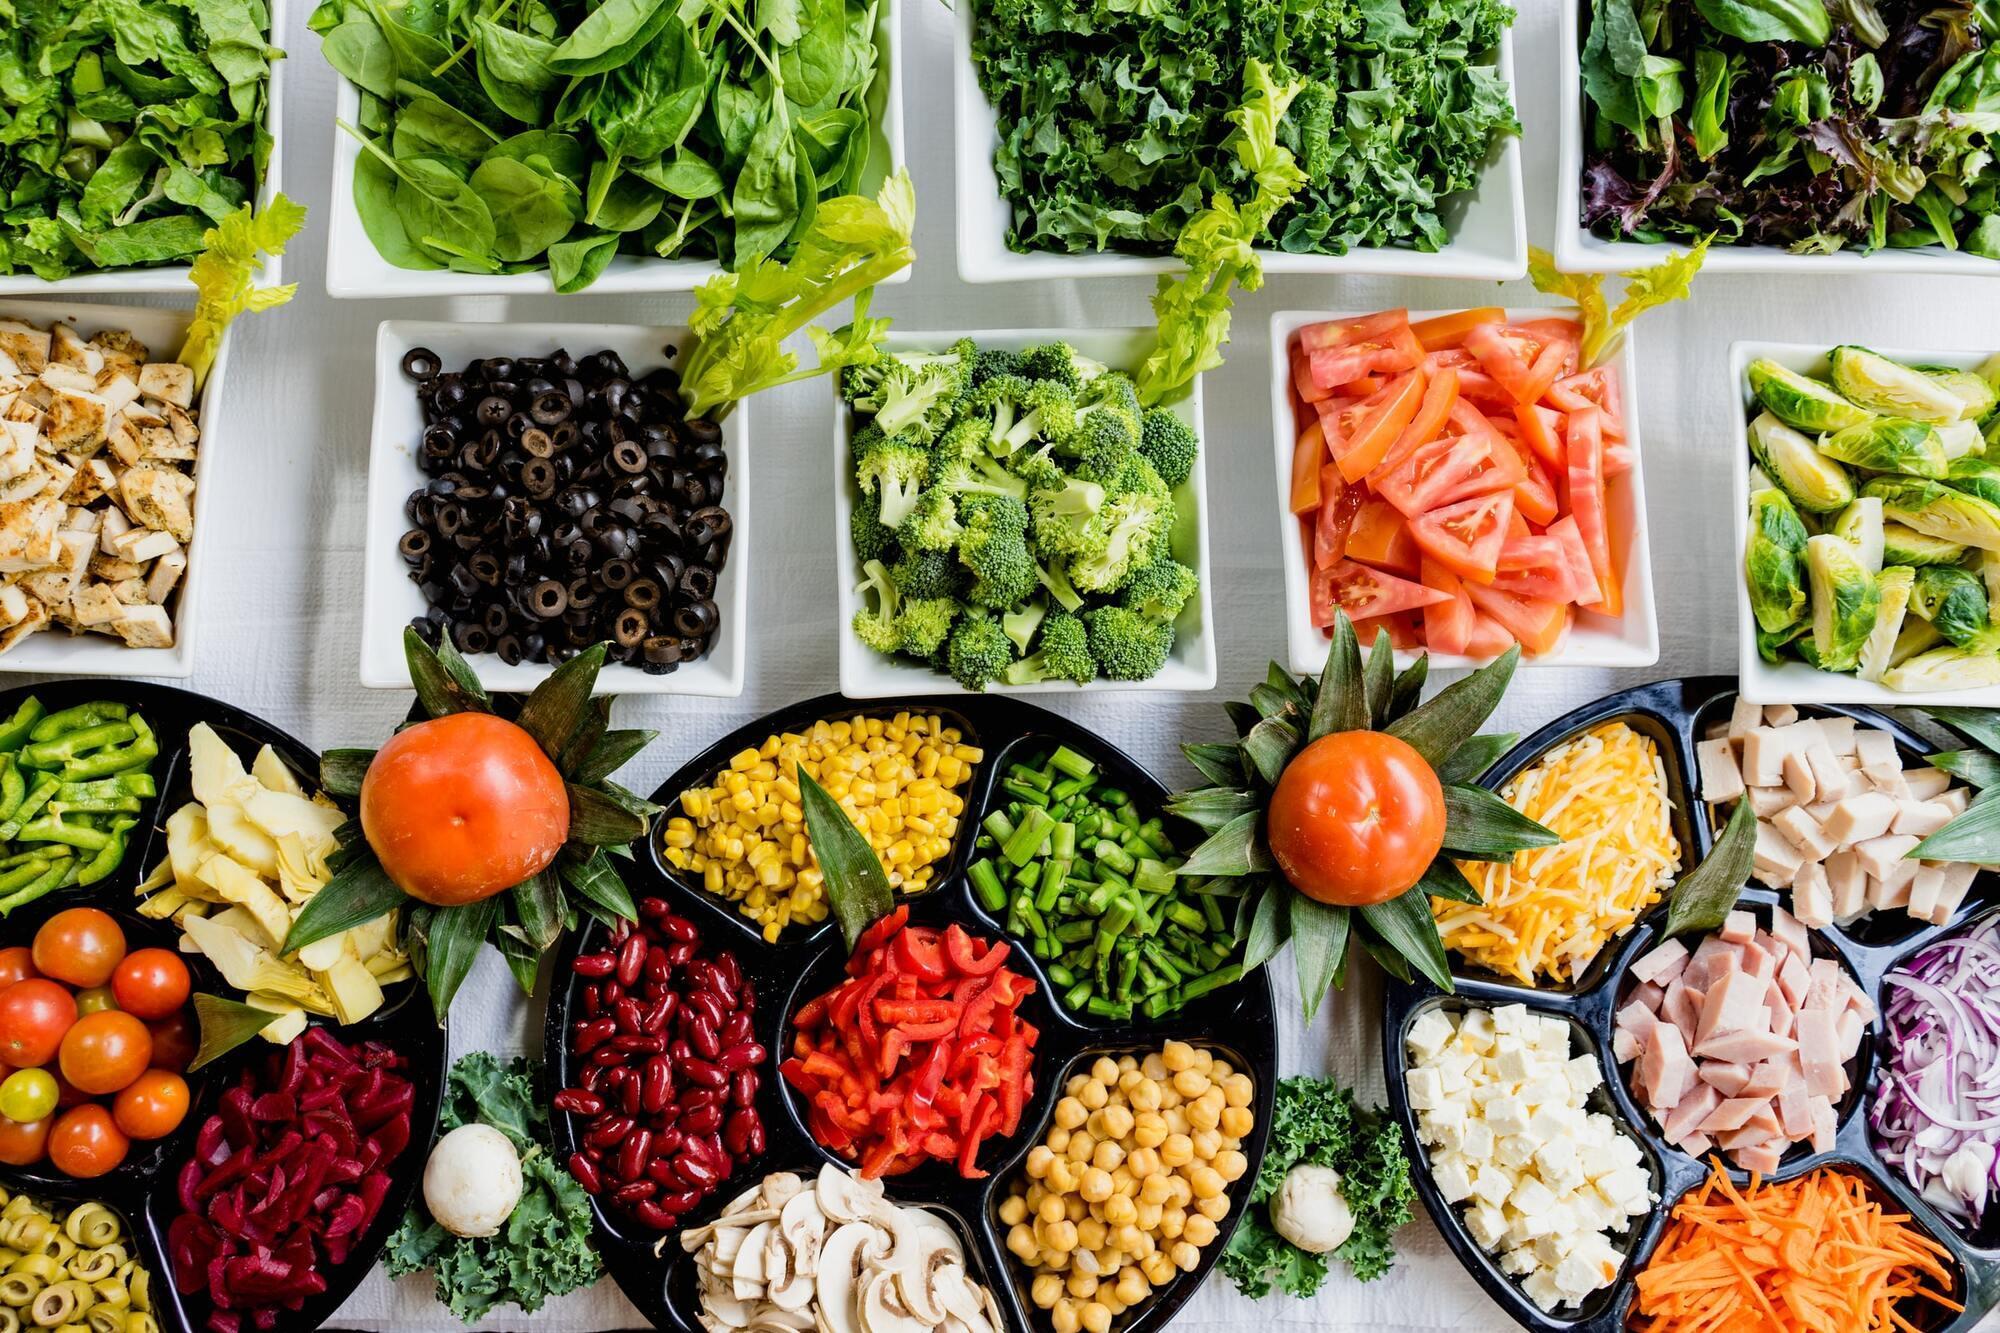 По средам и пятницам в Петров пост можно есть хлеб, соль, сырые овощи и фрукты, сухофрукты, орехи, мед, пить воду